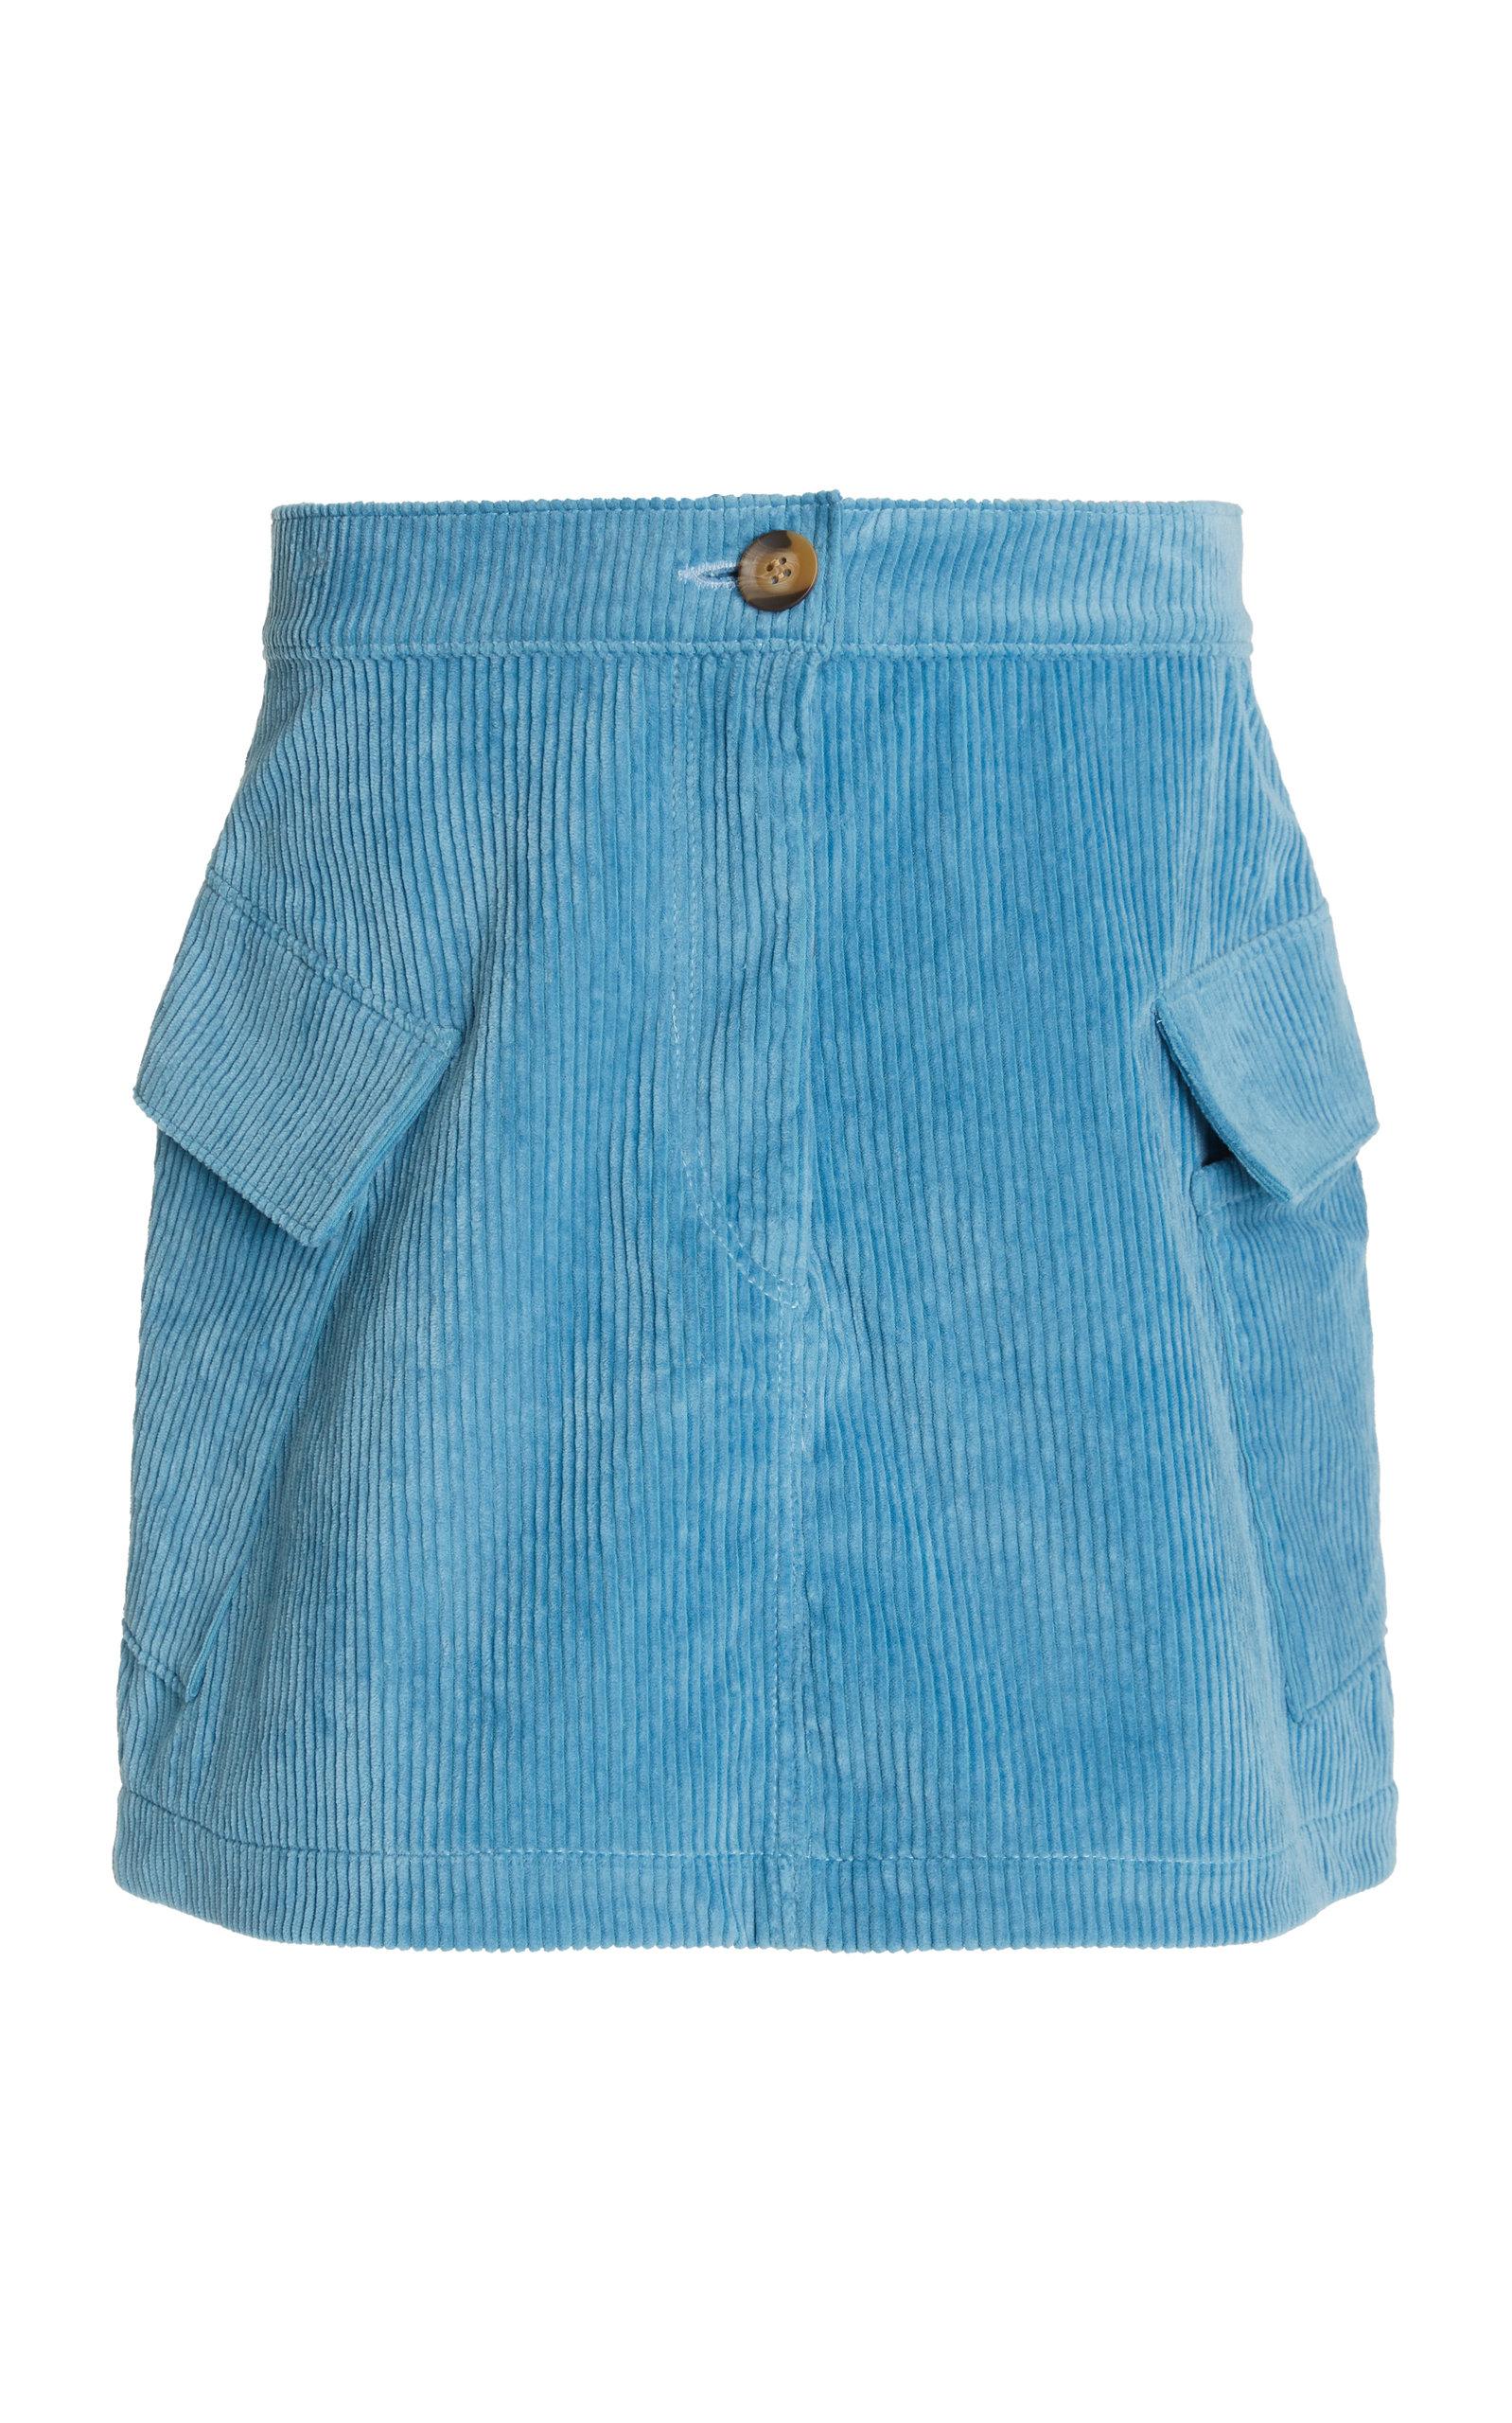 Women's Jane Corduroy Mini Skirt